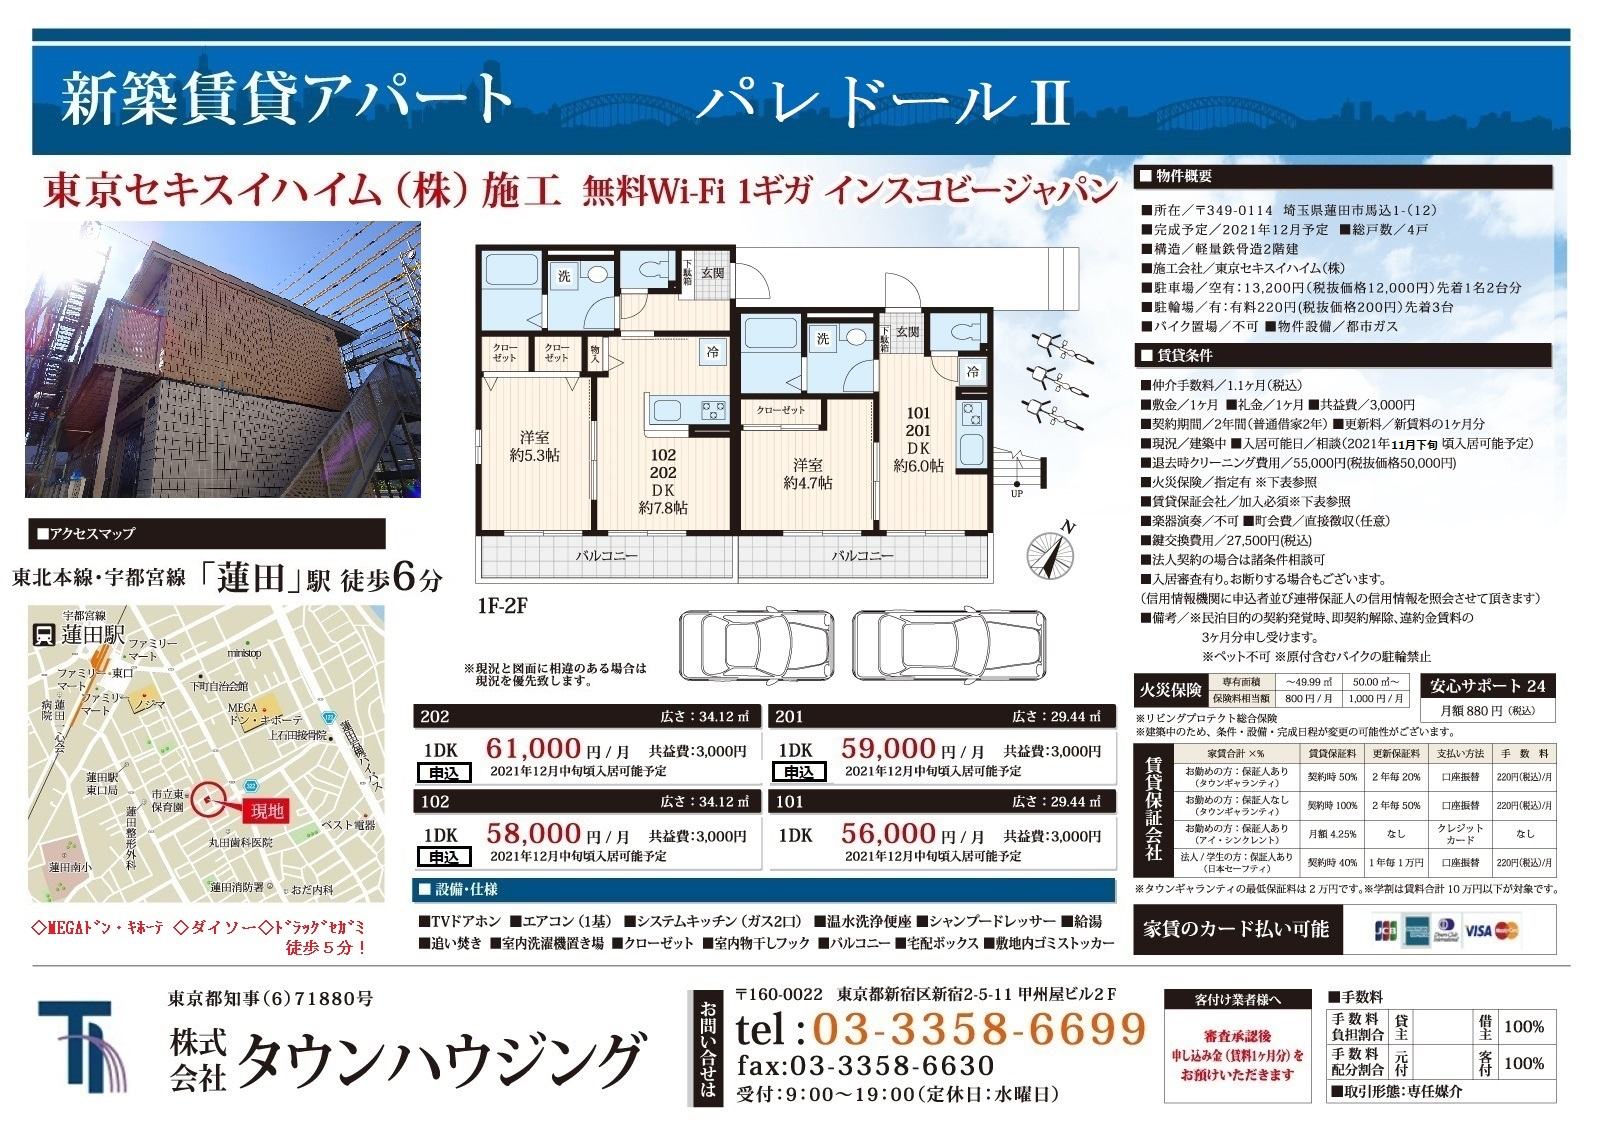 東北本線・宇都宮線 蓮田駅 徒歩6分 1DK Wi-Fi無料